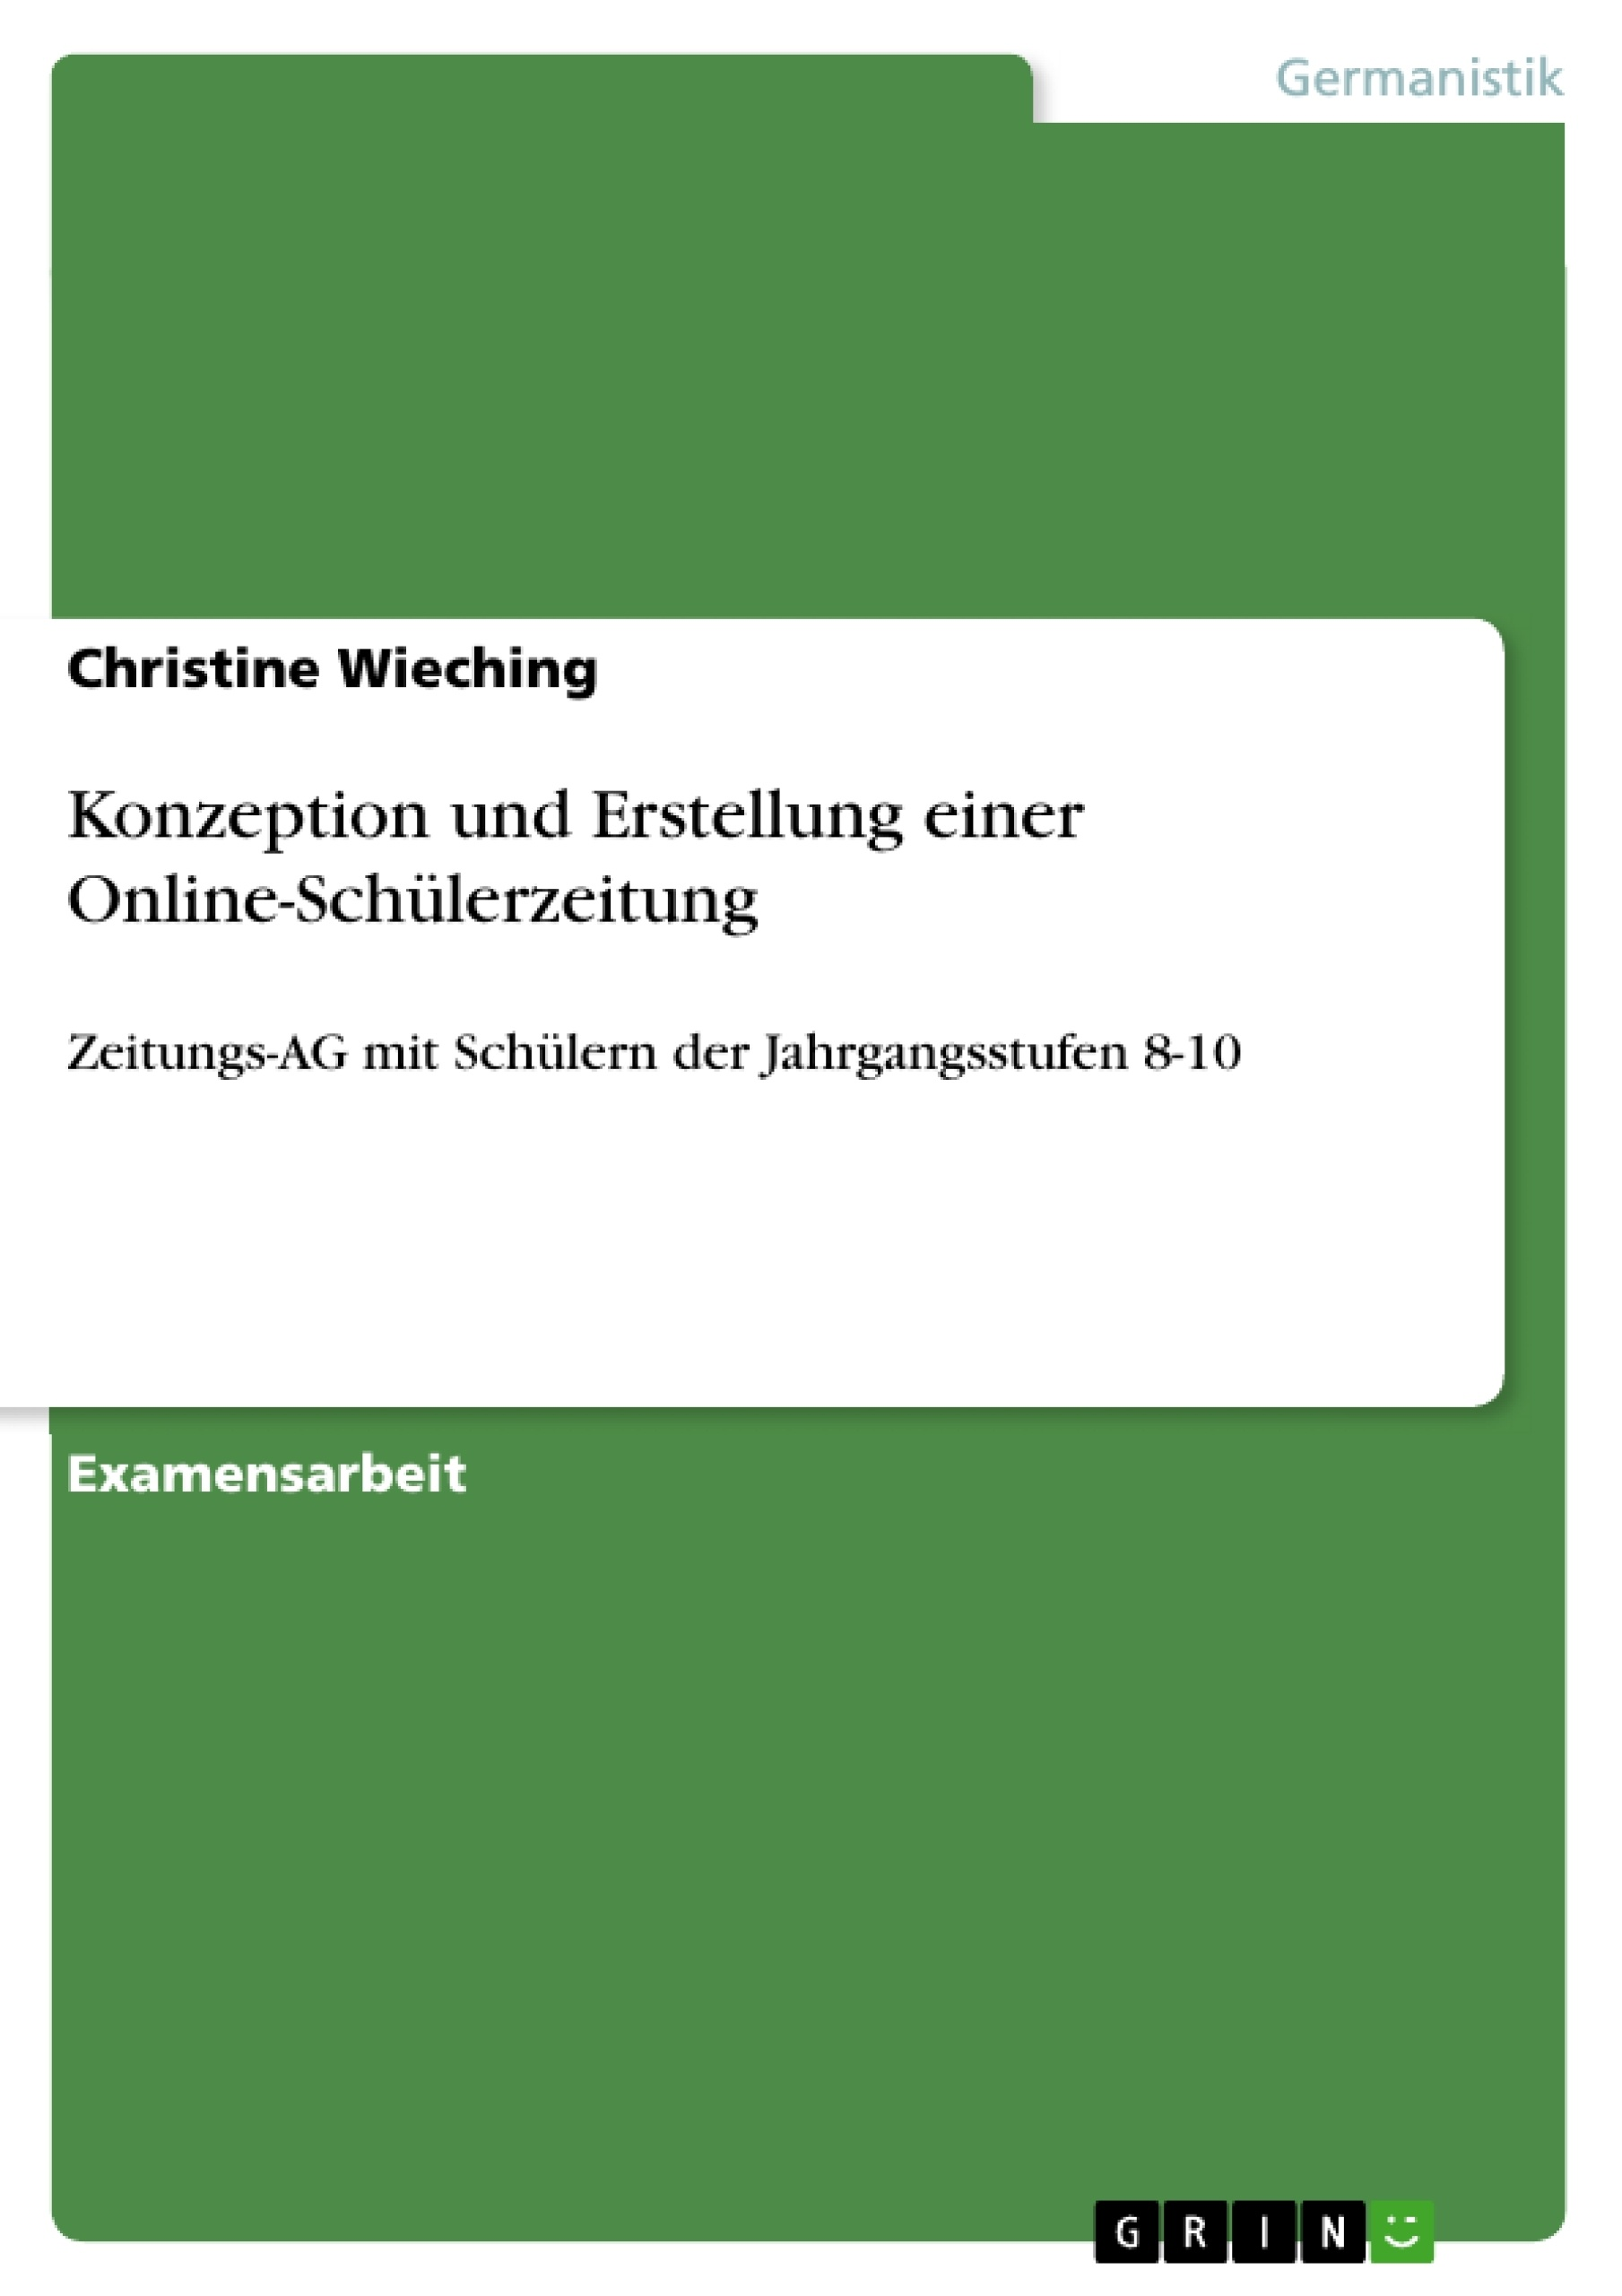 Titel: Konzeption und Erstellung einer Online-Schülerzeitung